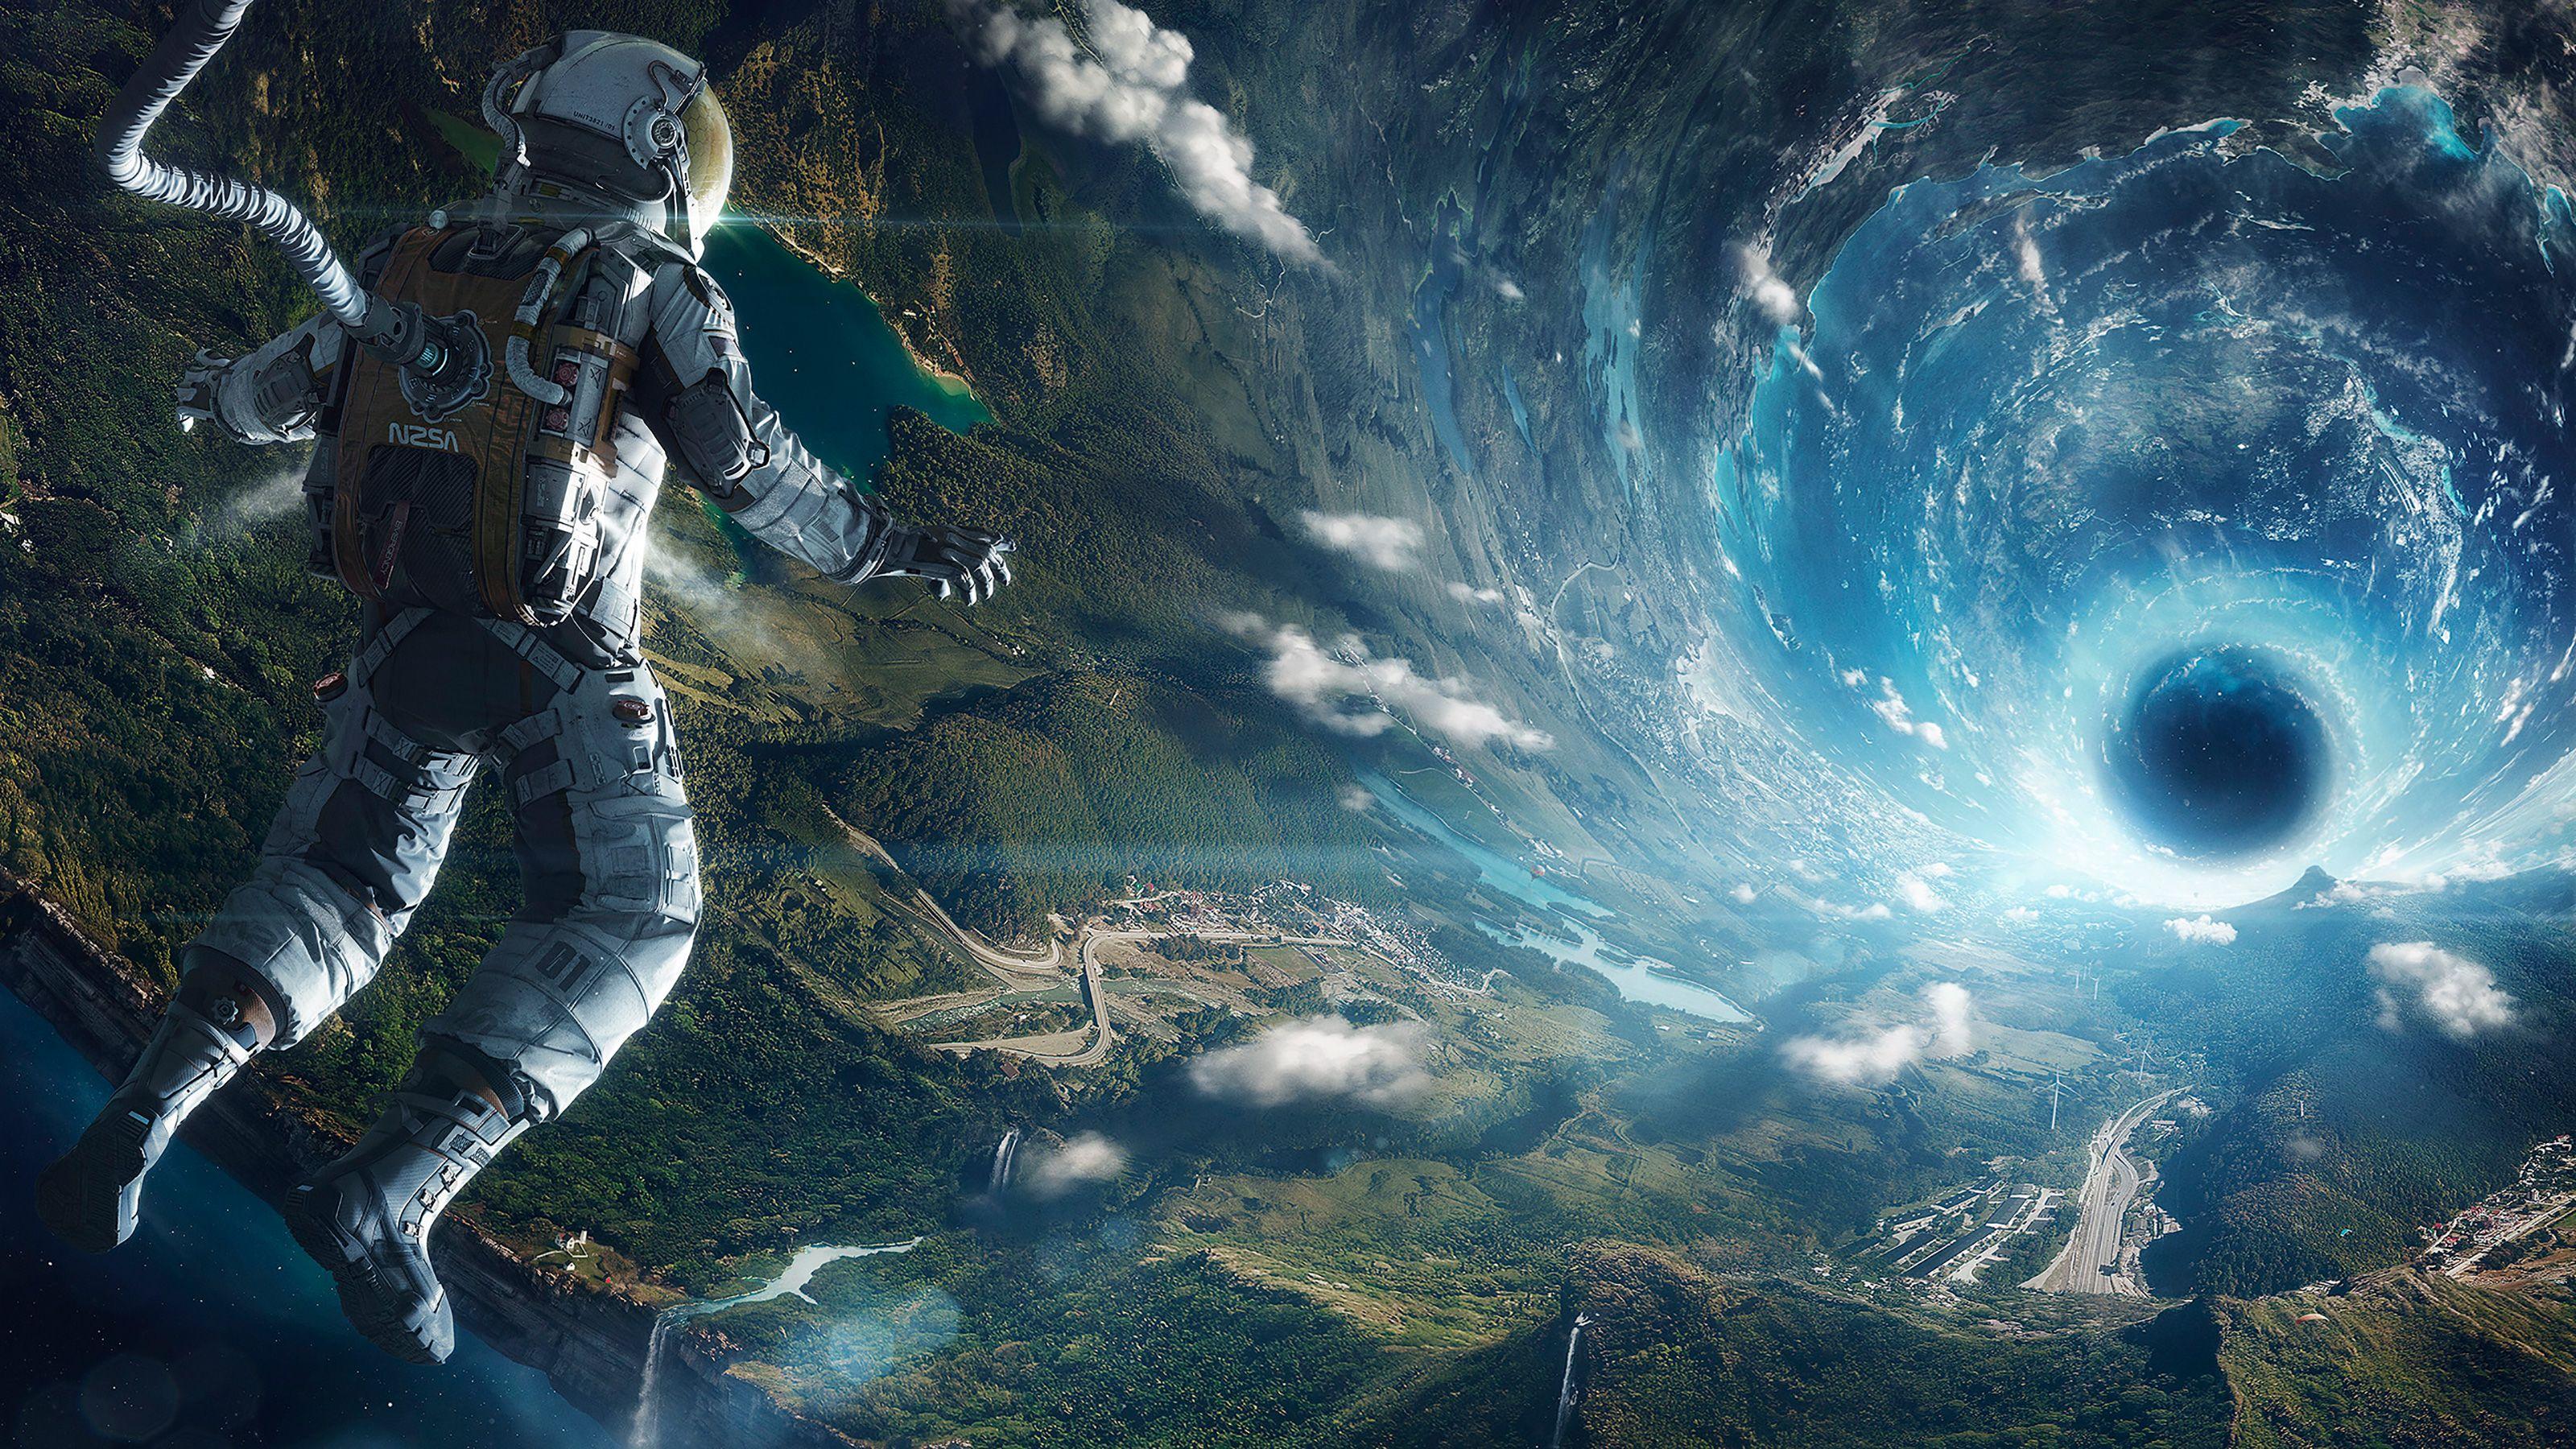 Astronaut Computer Wallpapers Desktop Backgrounds 3840x2160 Id 685192 In 2020 Astronaut Wallpaper Space Documentaries Space Art